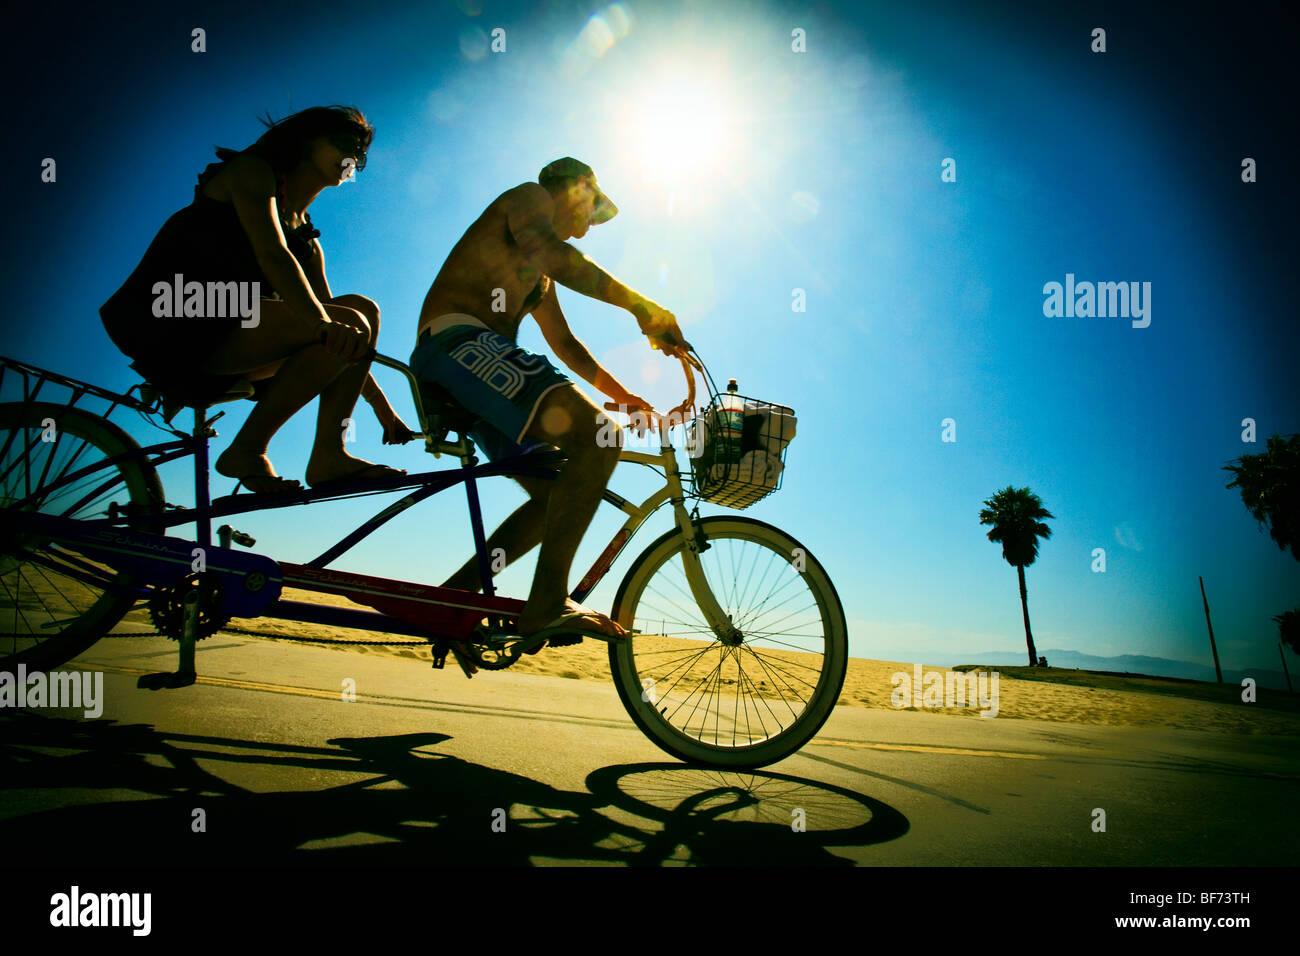 Tandem-Fahrrad Reiten, Venice Beach, Los Angeles County, California, Vereinigte Staaten von Amerika Stockbild